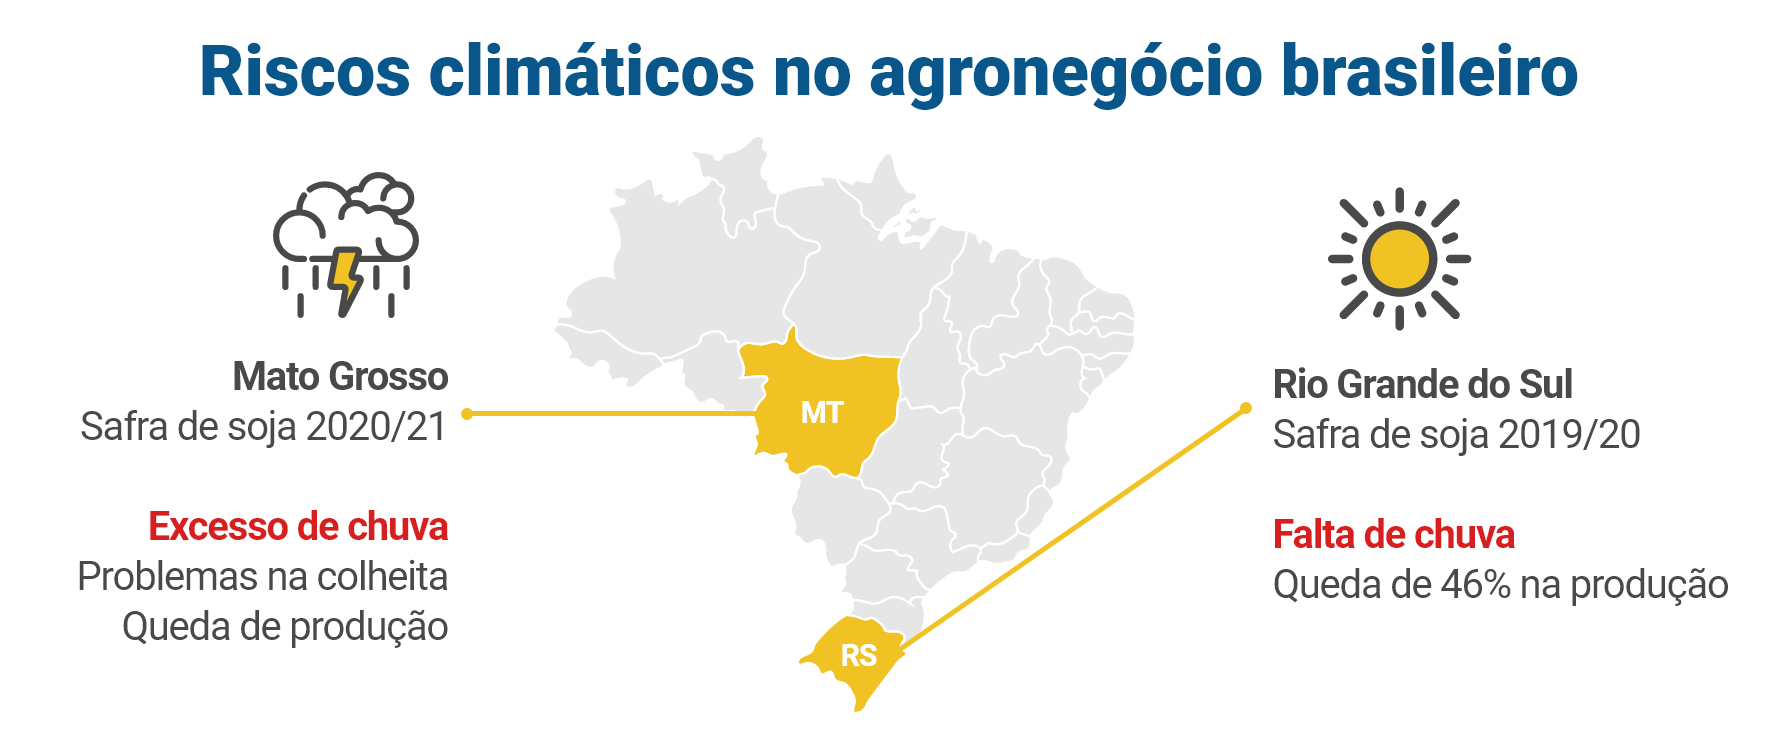 Riscos climáticos no agronegócio do Brasil